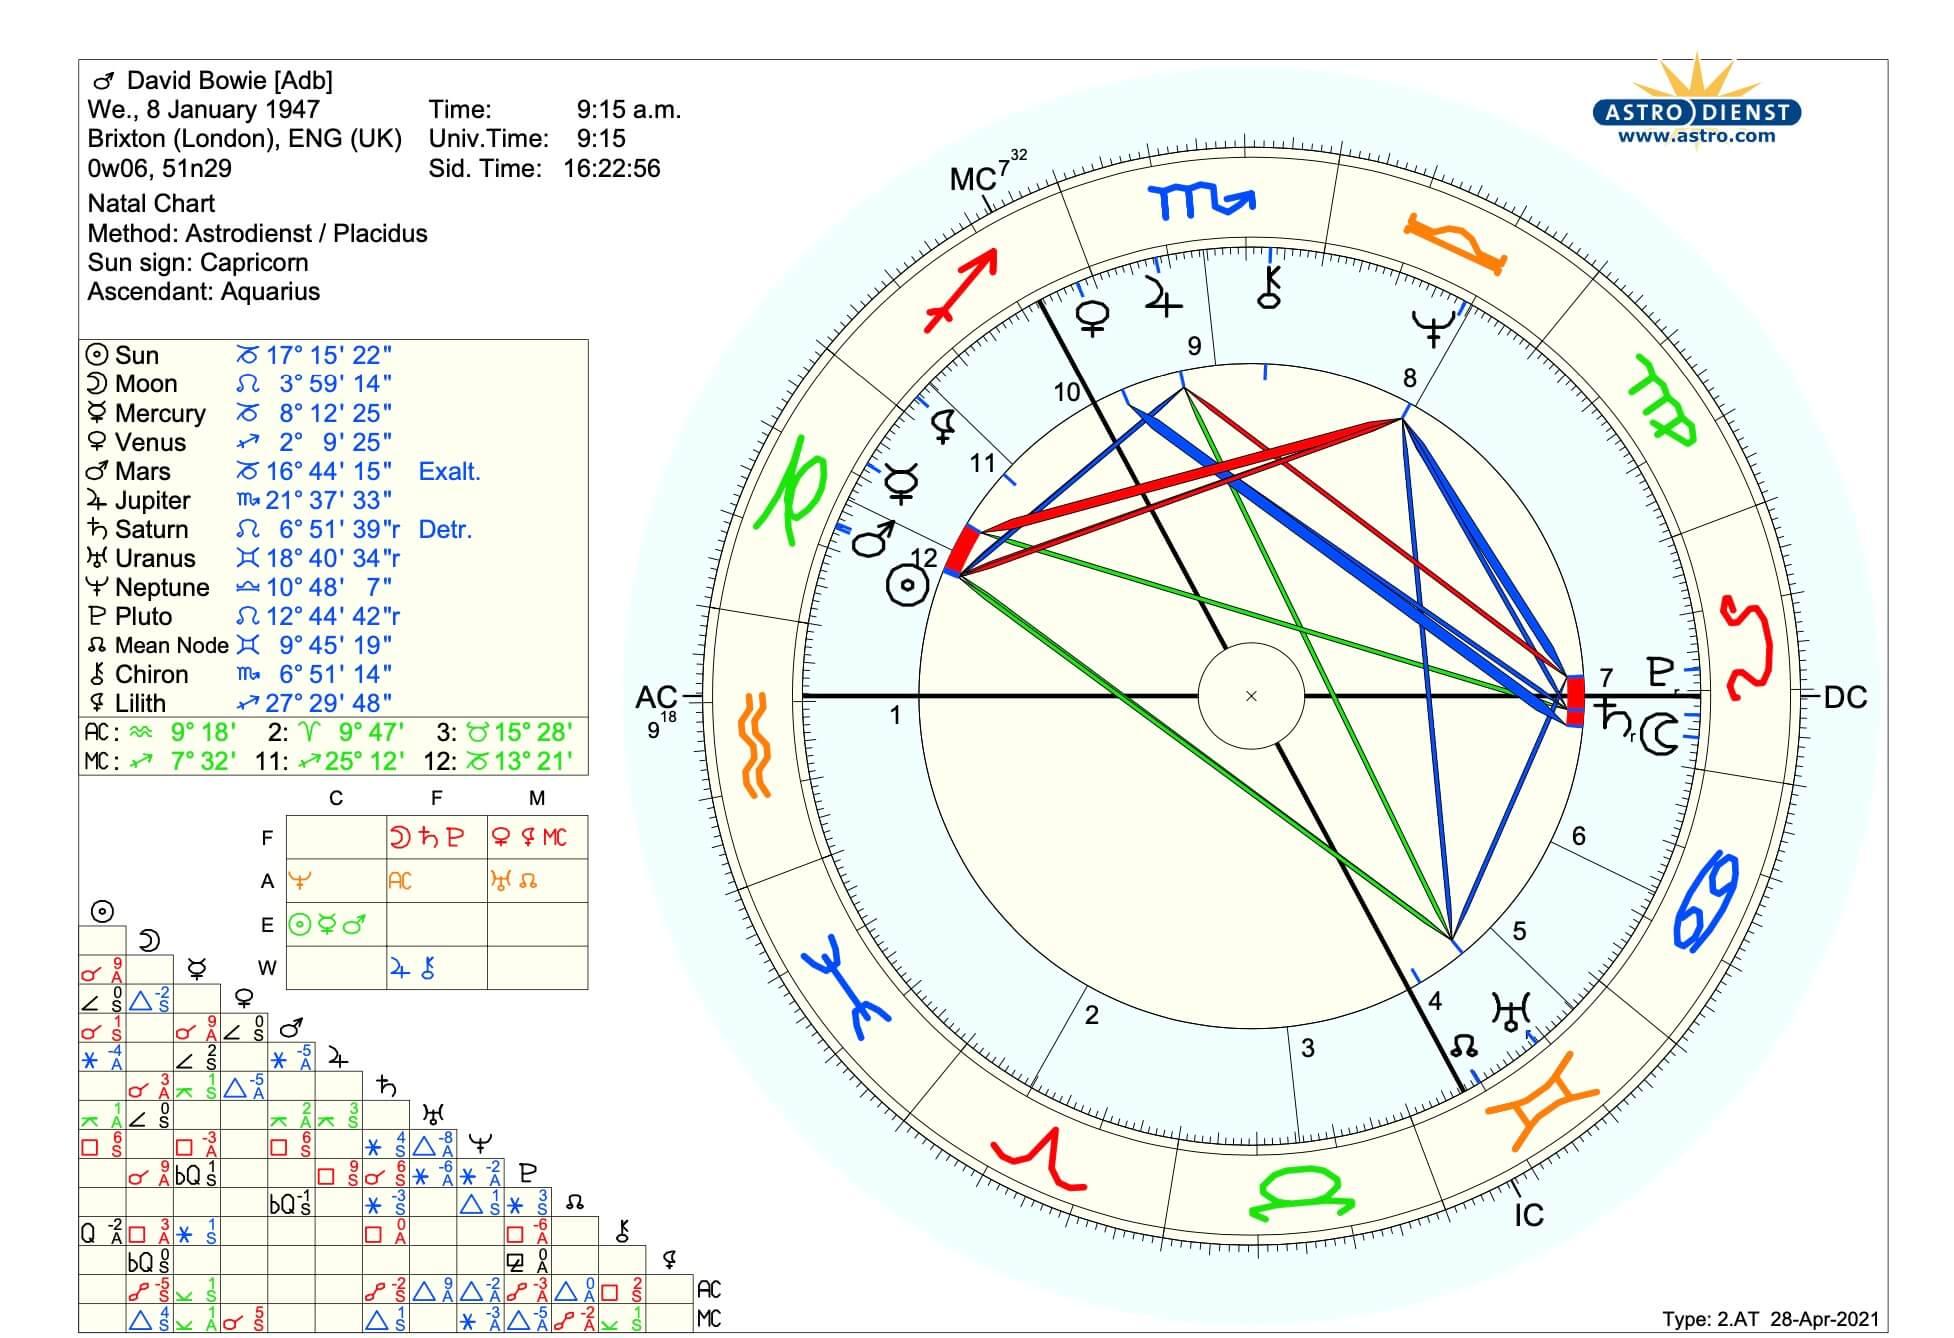 Horoskop David Bowie Psychologische Astrologie Martin Sebastian Moritz Berlin Hamburg